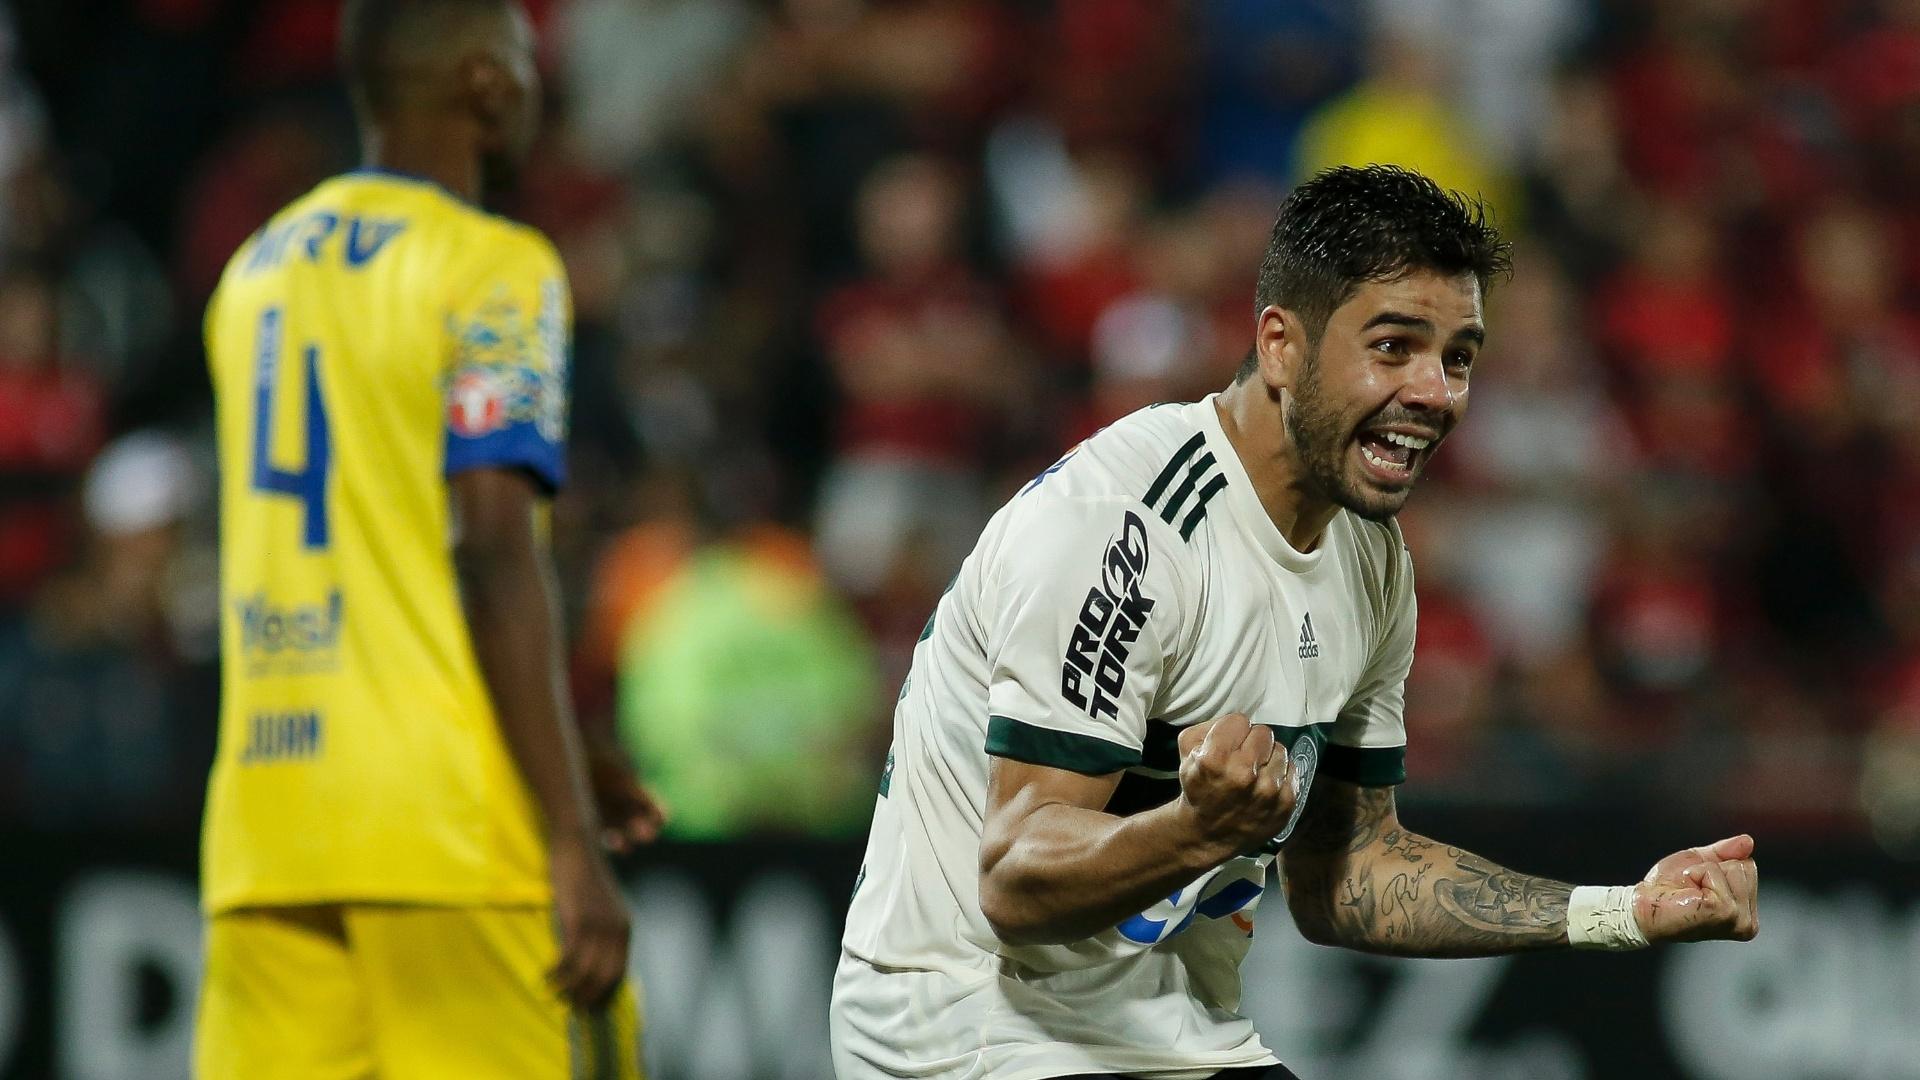 Henrique Almeida fez o gol de empate do Coritiba contra o Flamengo pelo Campeonato Brasileiro